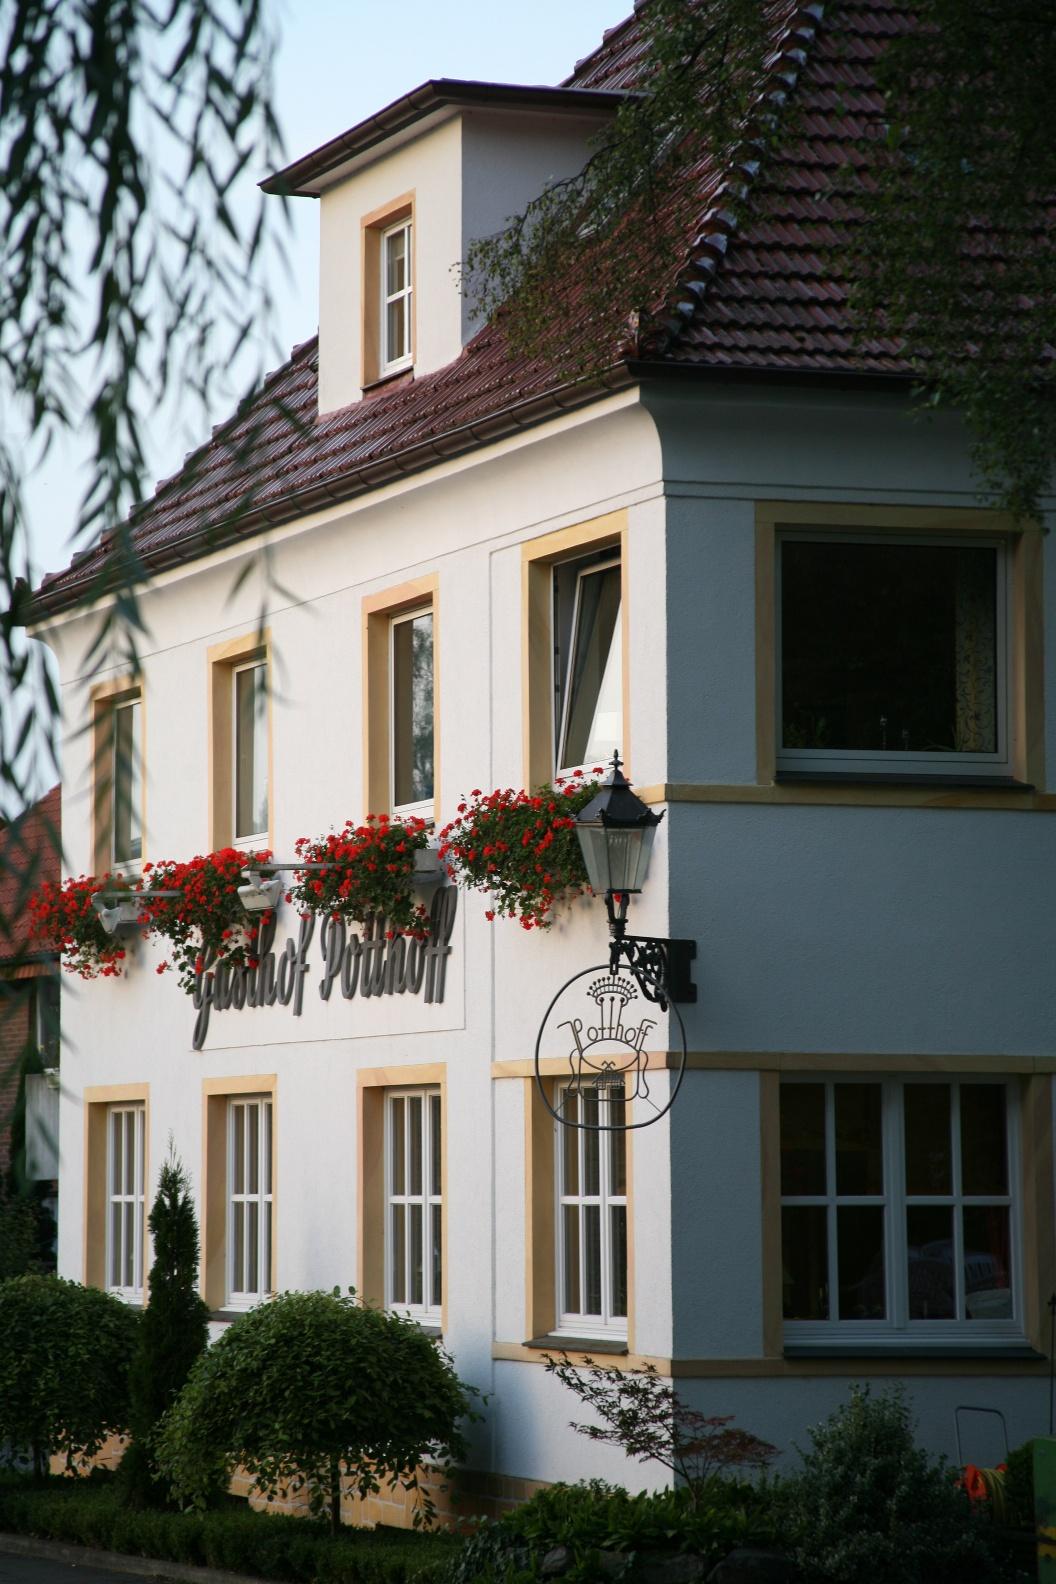 Landgasthof Potthoff